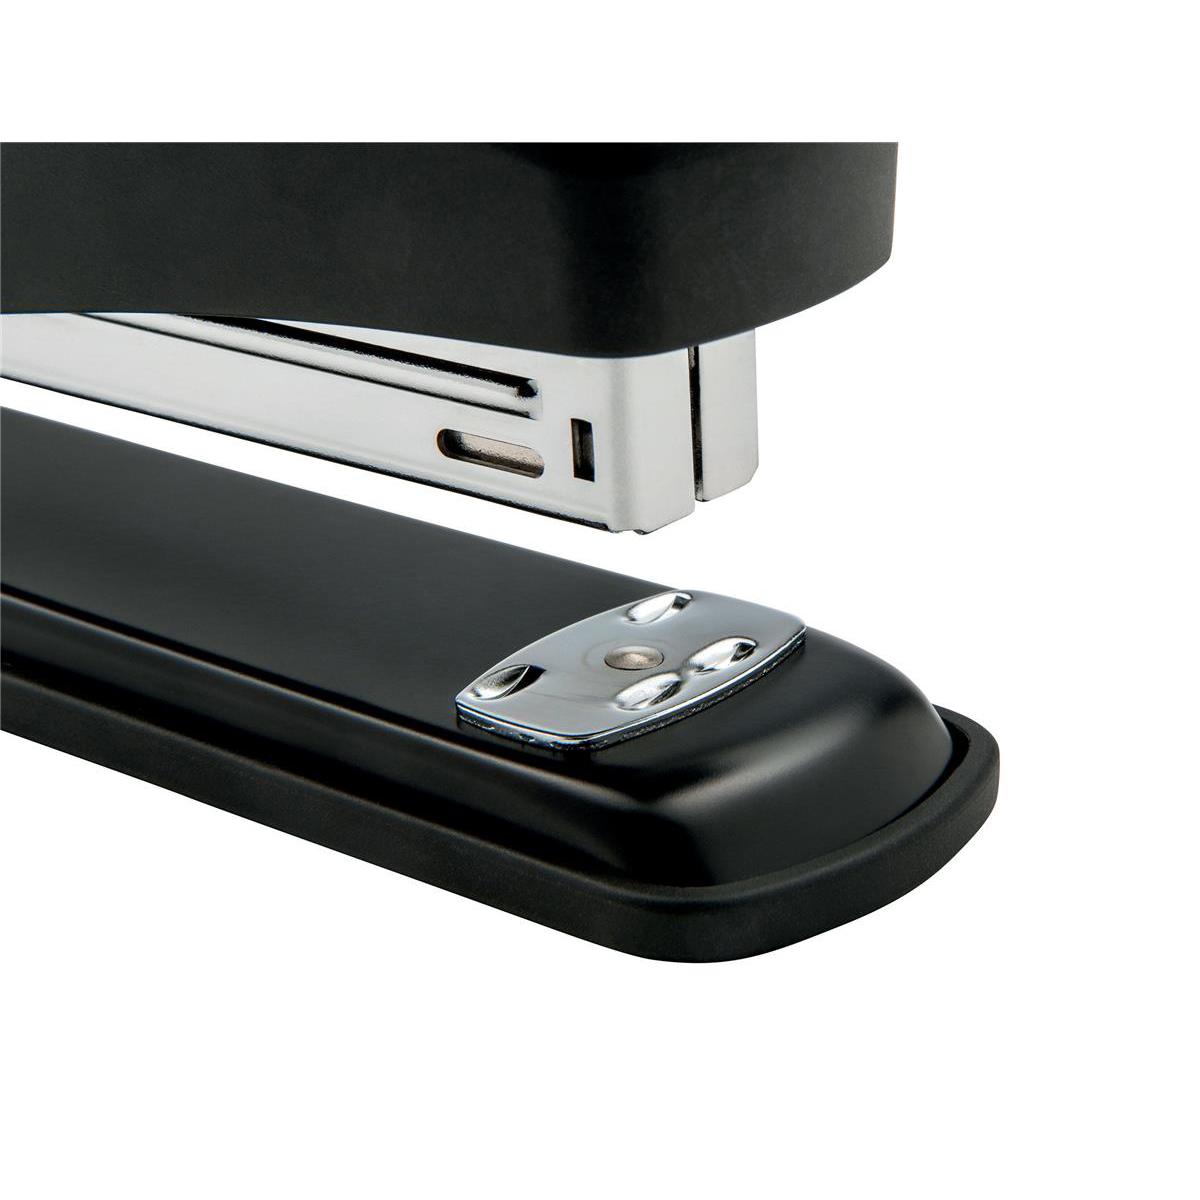 5 Star Office Metal Full Strip Stapler 20 Sheet Capacity Takes 26/6 Staples Black